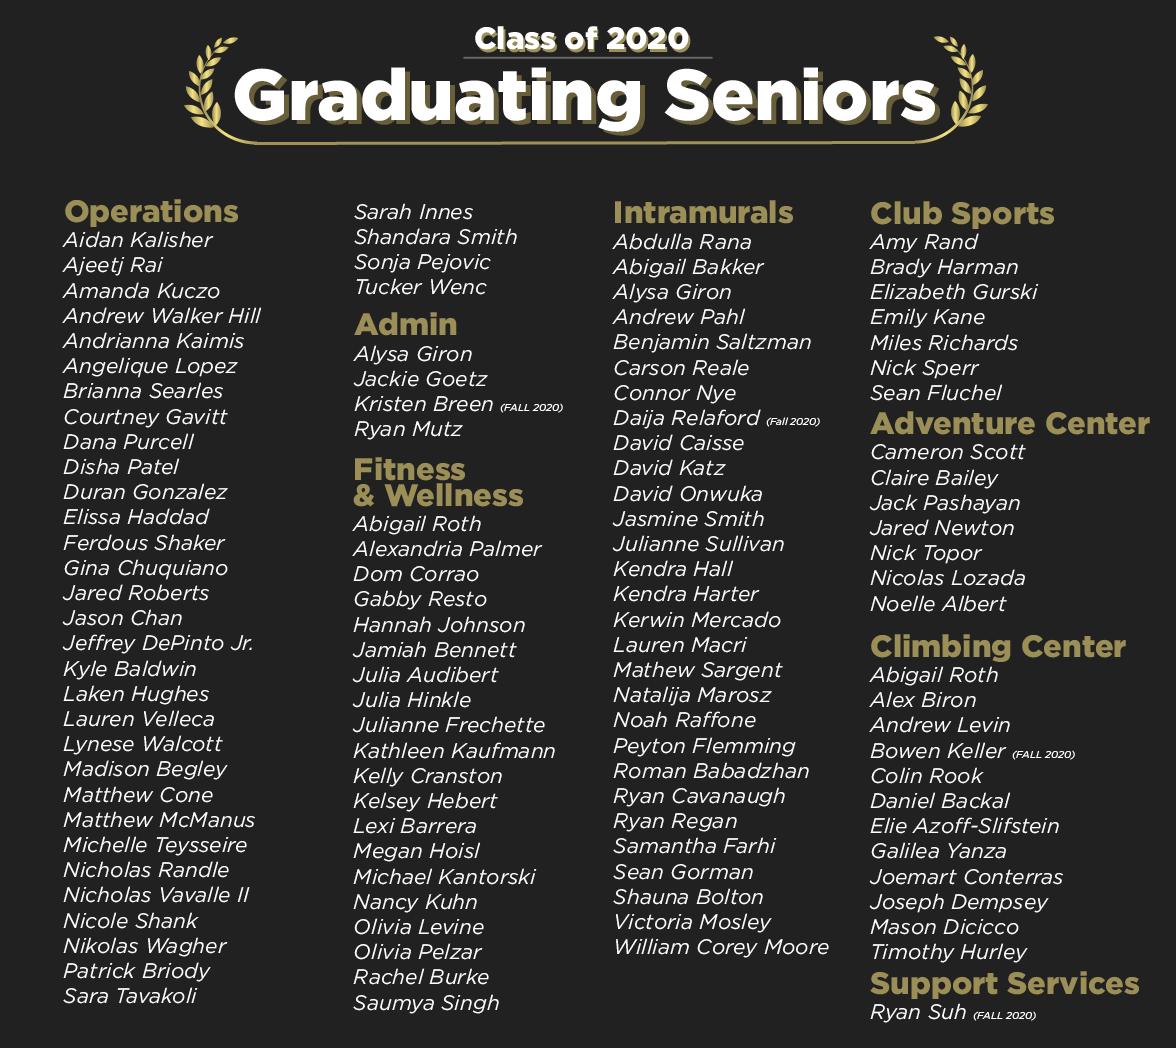 Graduating Seniors 2020